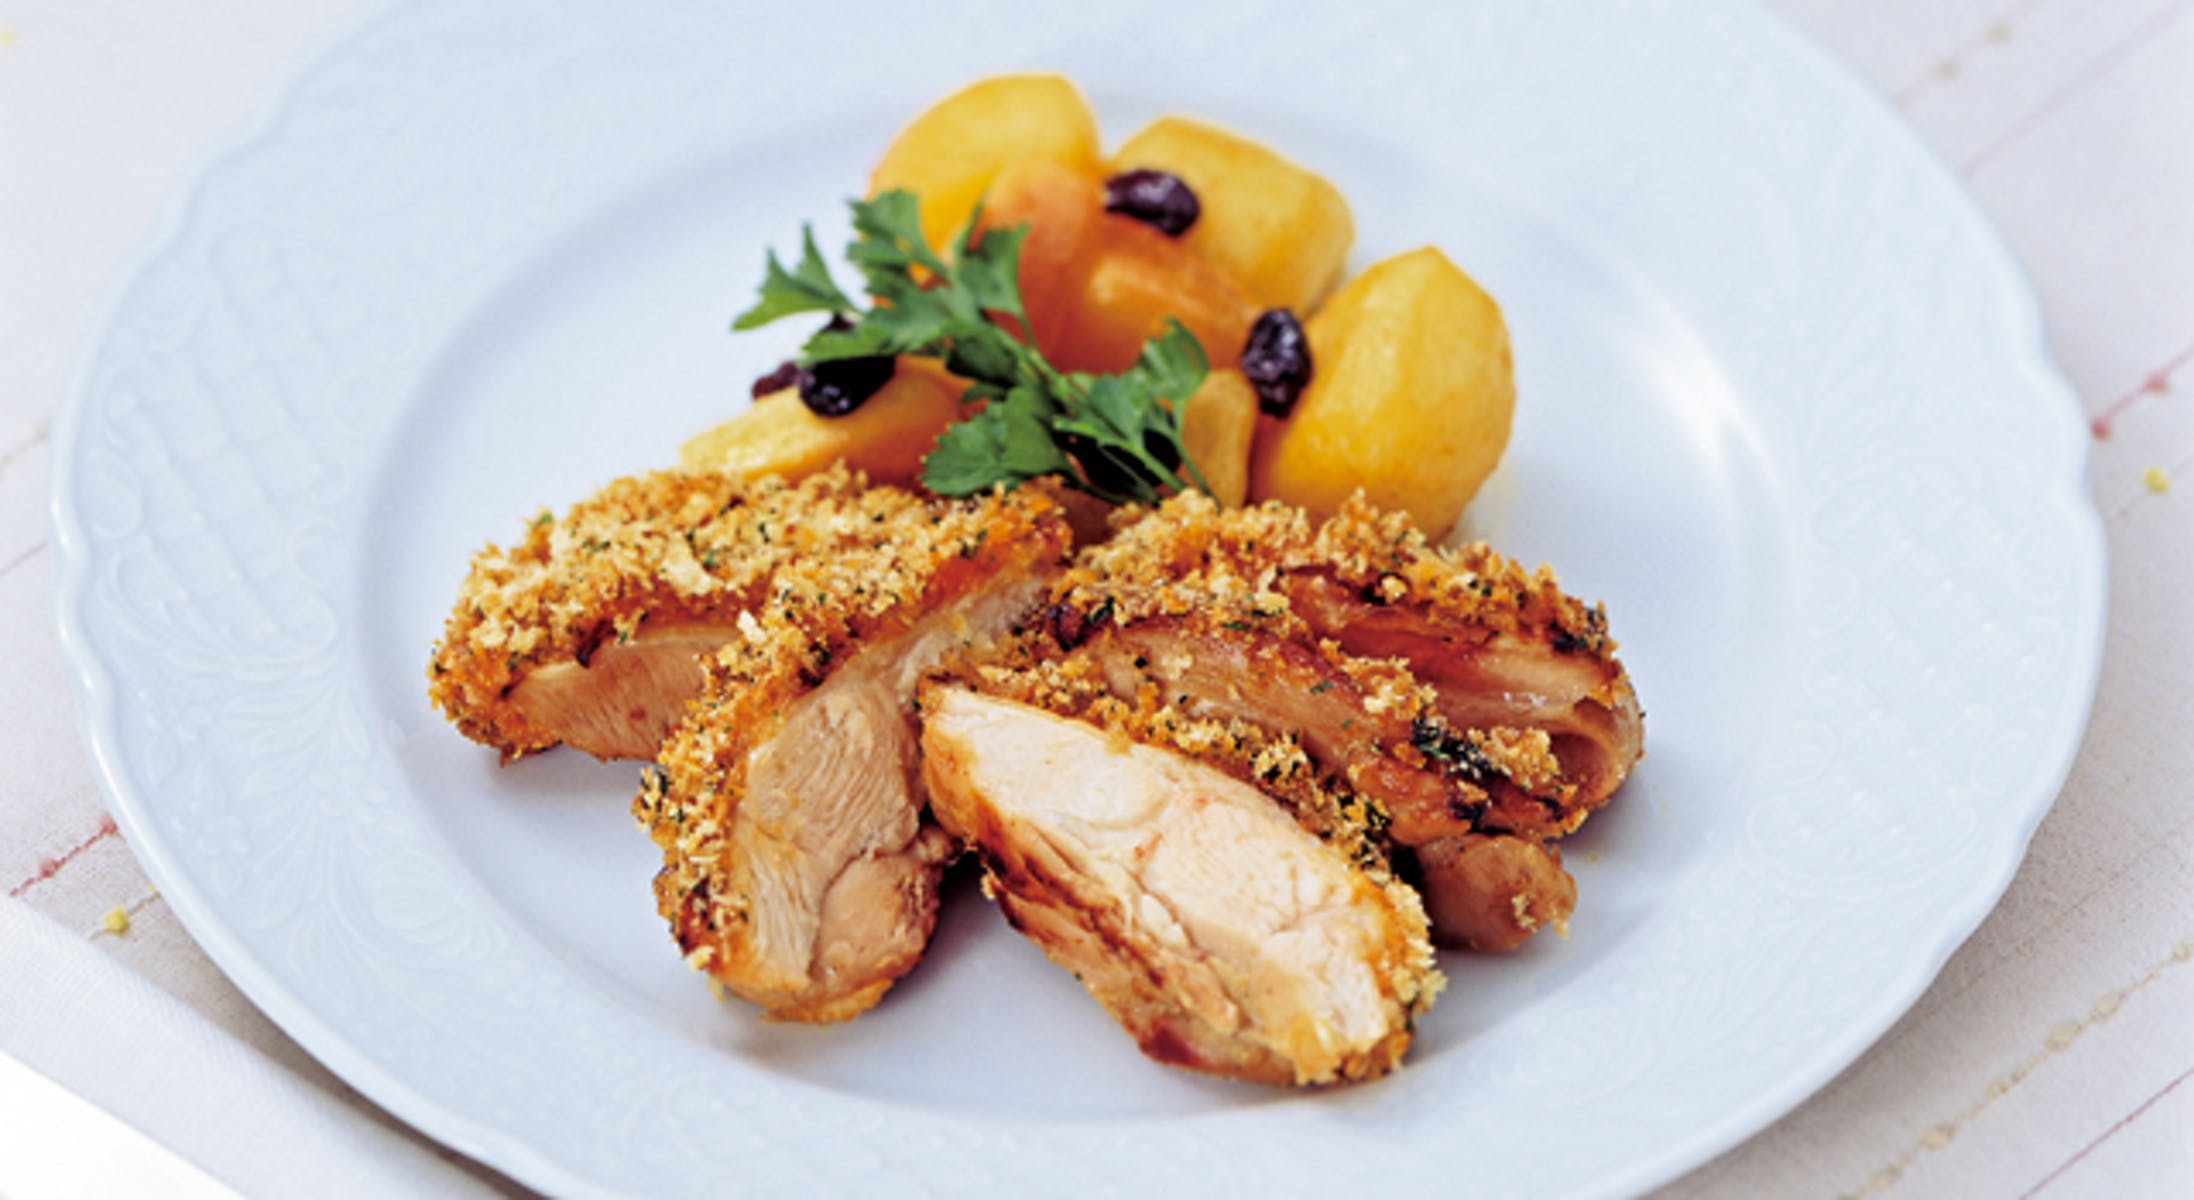 若鶏のハーブパン粉焼き・マヨネーズ風味